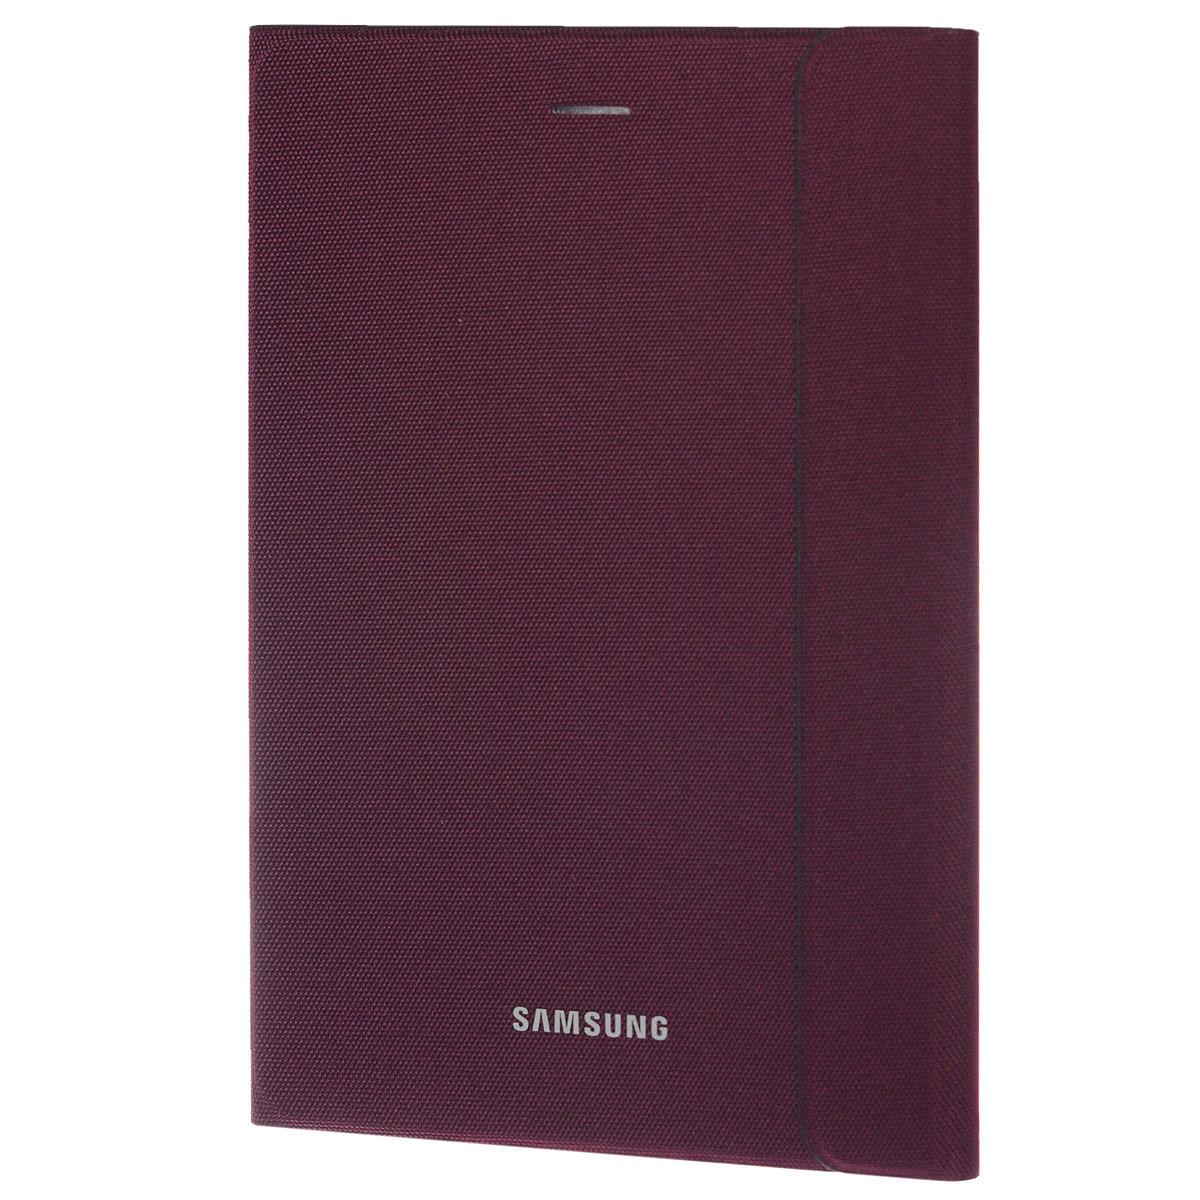 Samsung EF-BT350B BookCover чехол для Galaxy Tab A 8, VinousEF-BT350BQEGRUSamsung EF-BT350B BookCover - стильный и надежный аксессуар, позволяющий сохранить устройство в идеальном состоянии. Надежно удерживая технику, чехол защищает корпус и дисплей от появления царапин, налипания пыли. Имеется свободный доступ ко всем разъемам устройства.